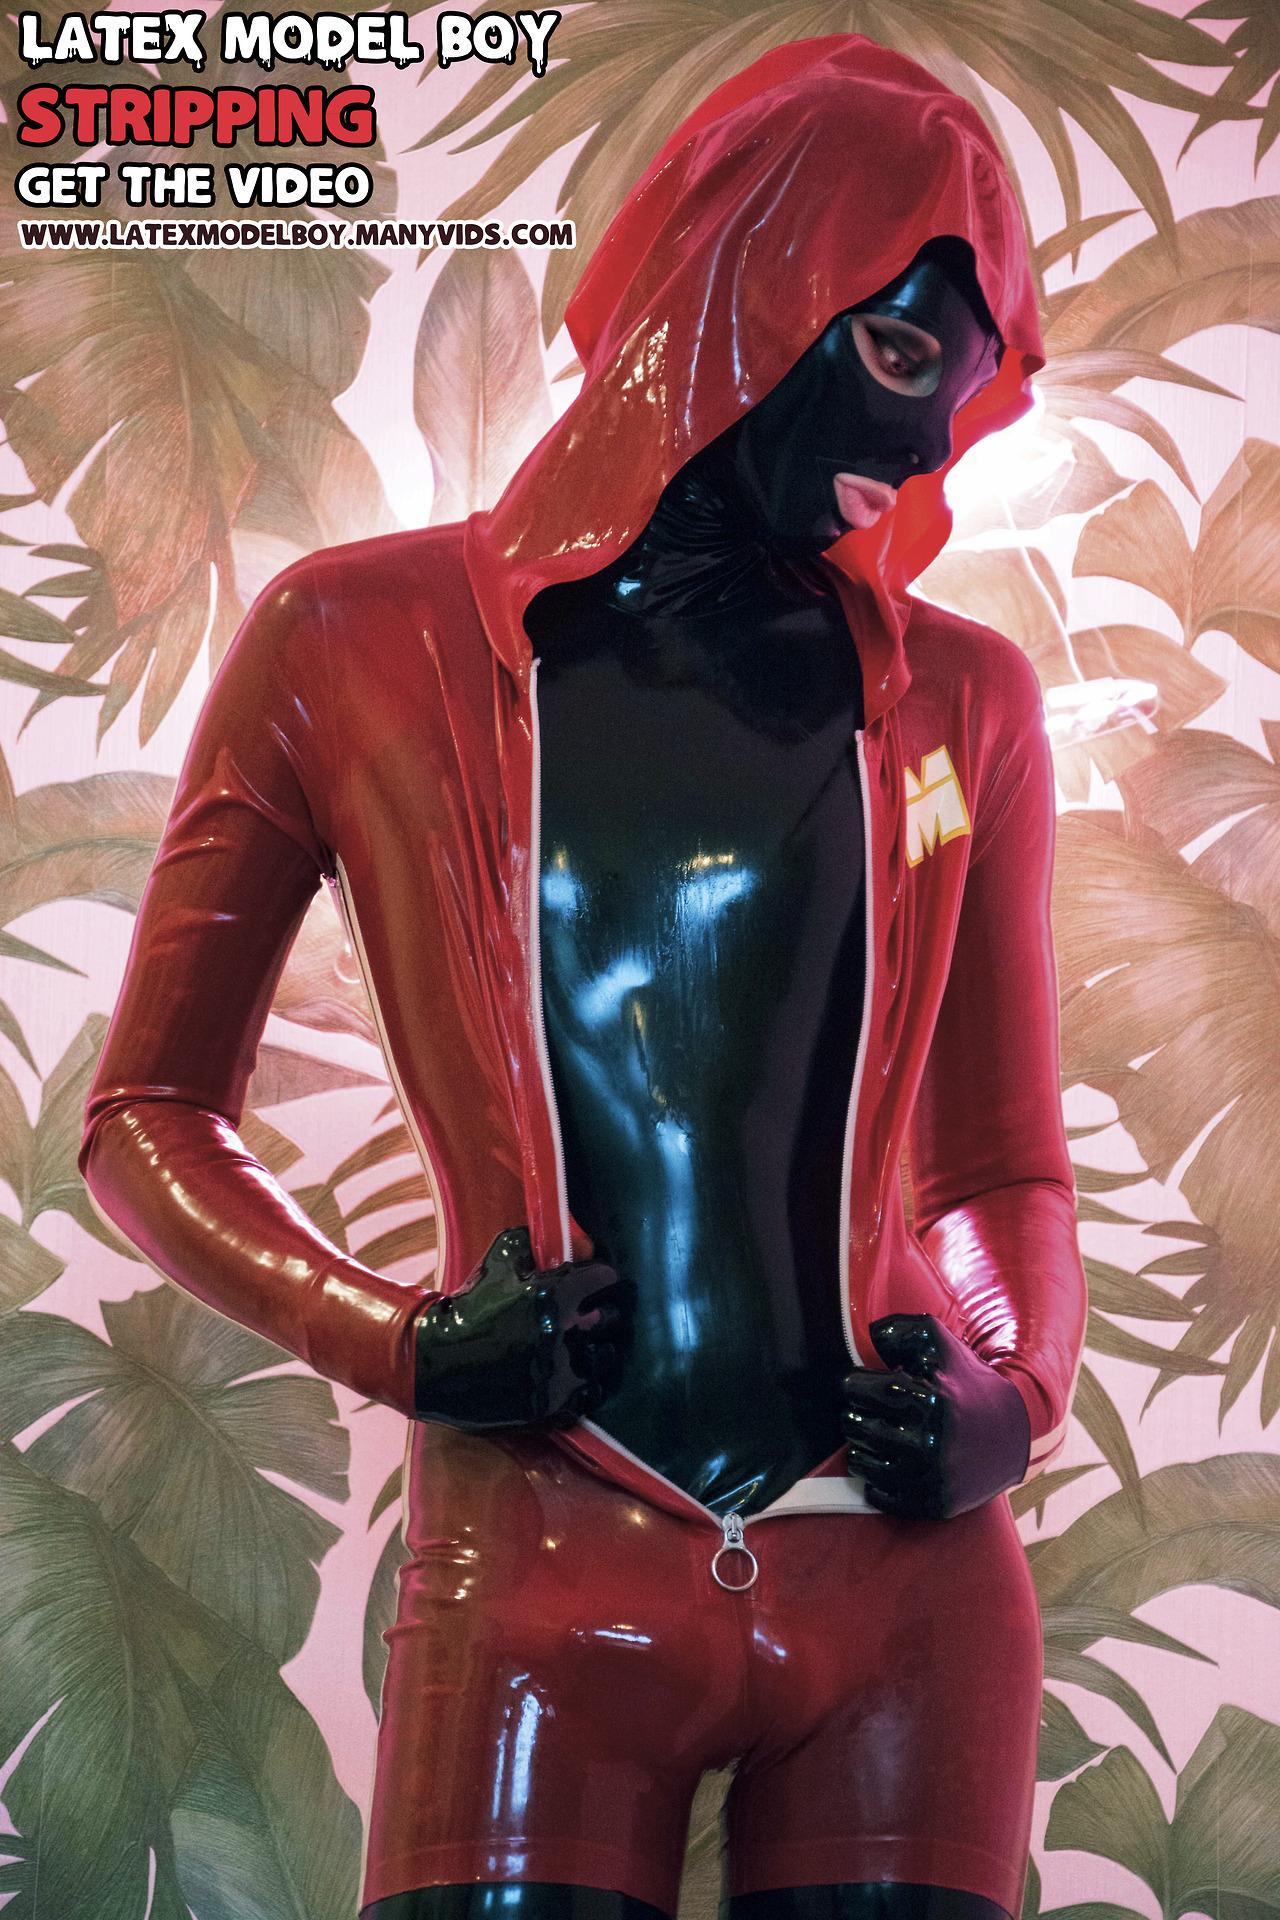 Red Jumpsuit. Black Catsuit